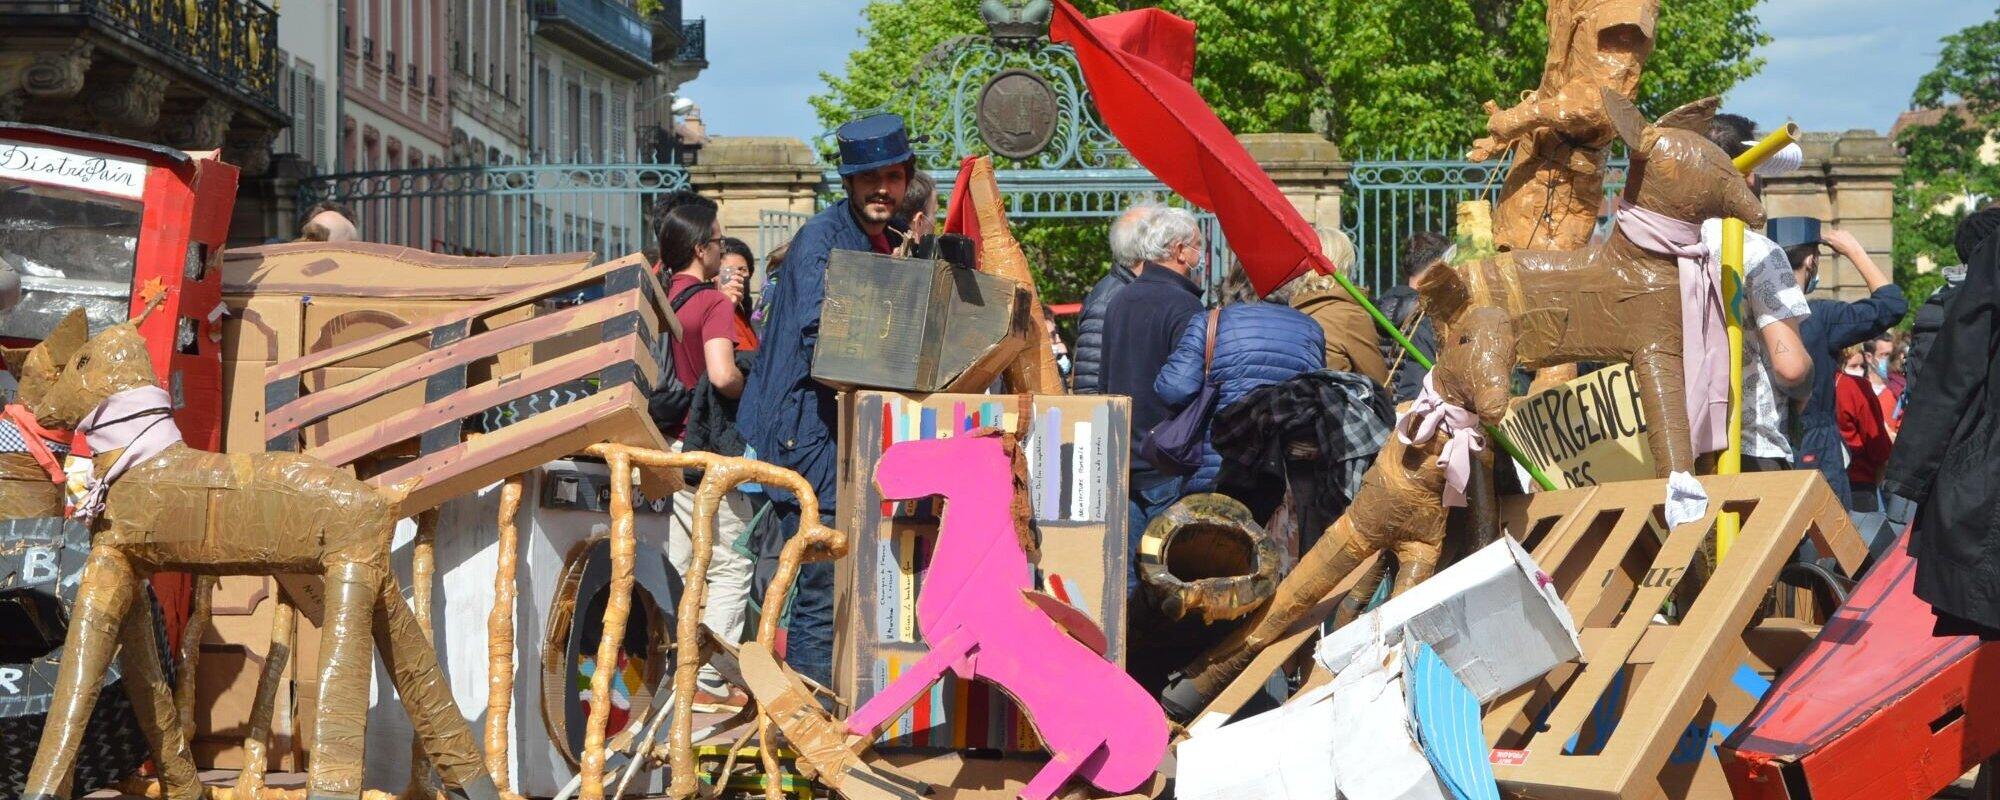 Dimanche, des artistes ont célébré la résistance éternelle en érigeant des barricades